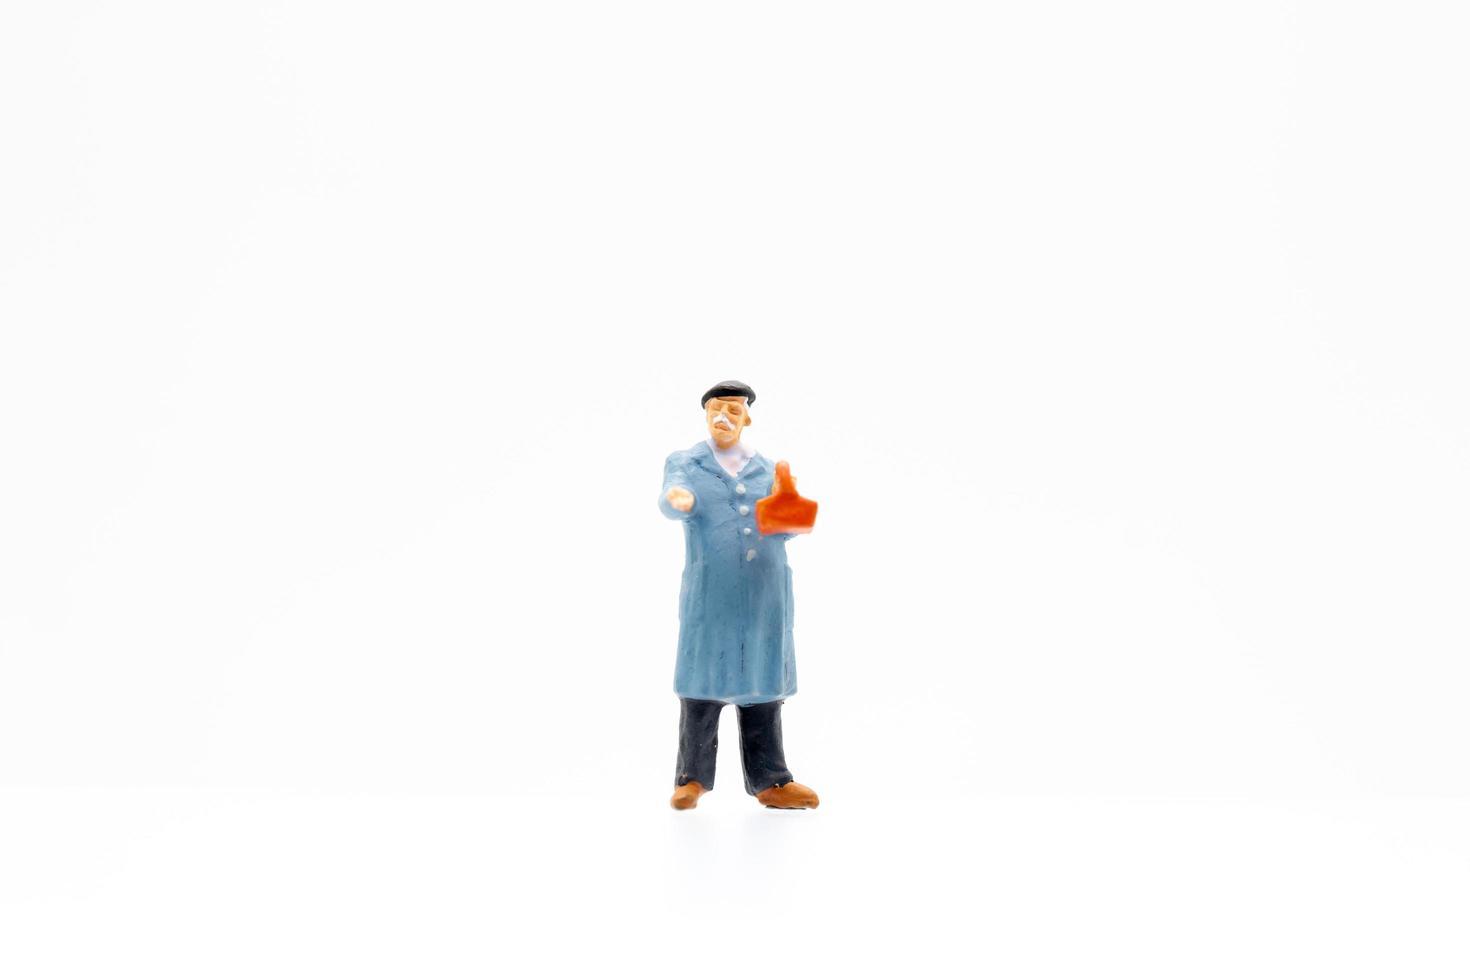 homme miniature sur fond blanc photo